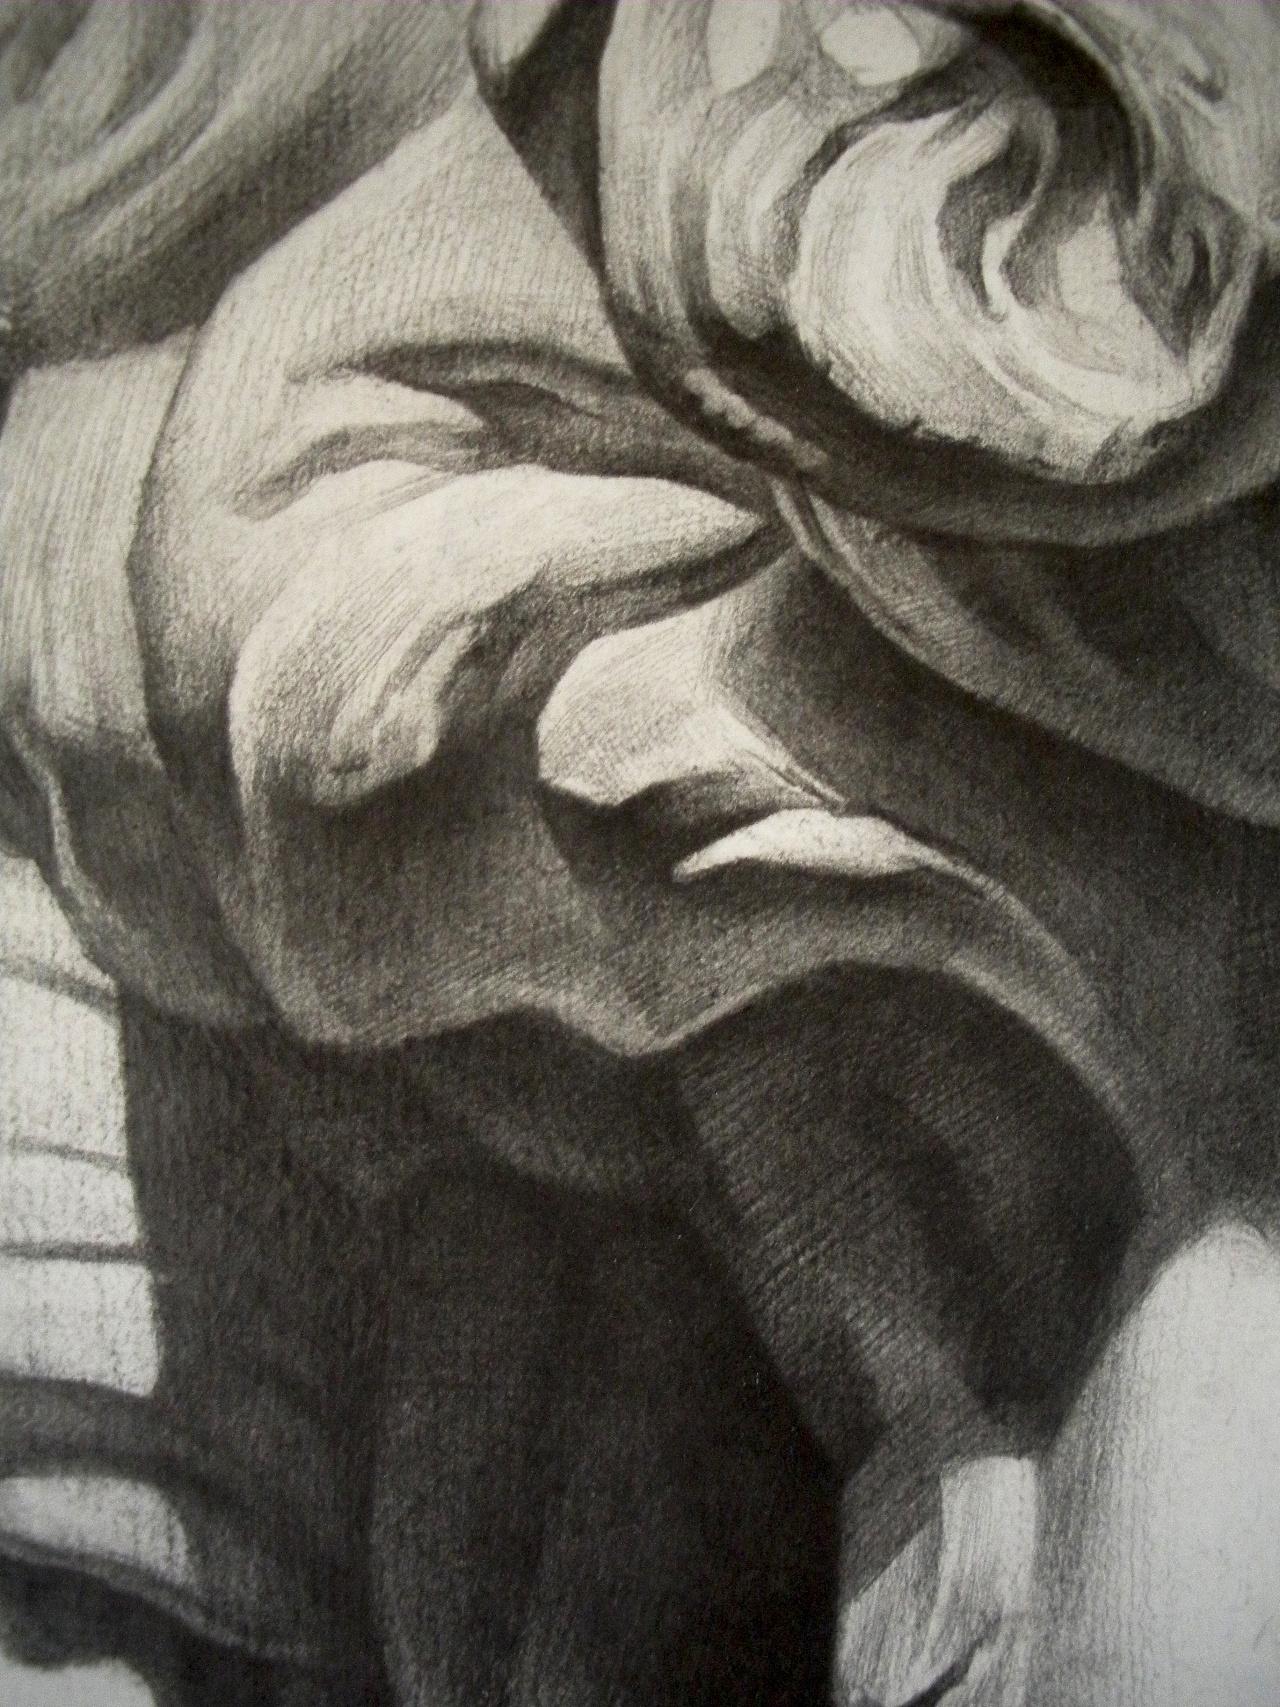 大卫石膏像 铅笔素描图片